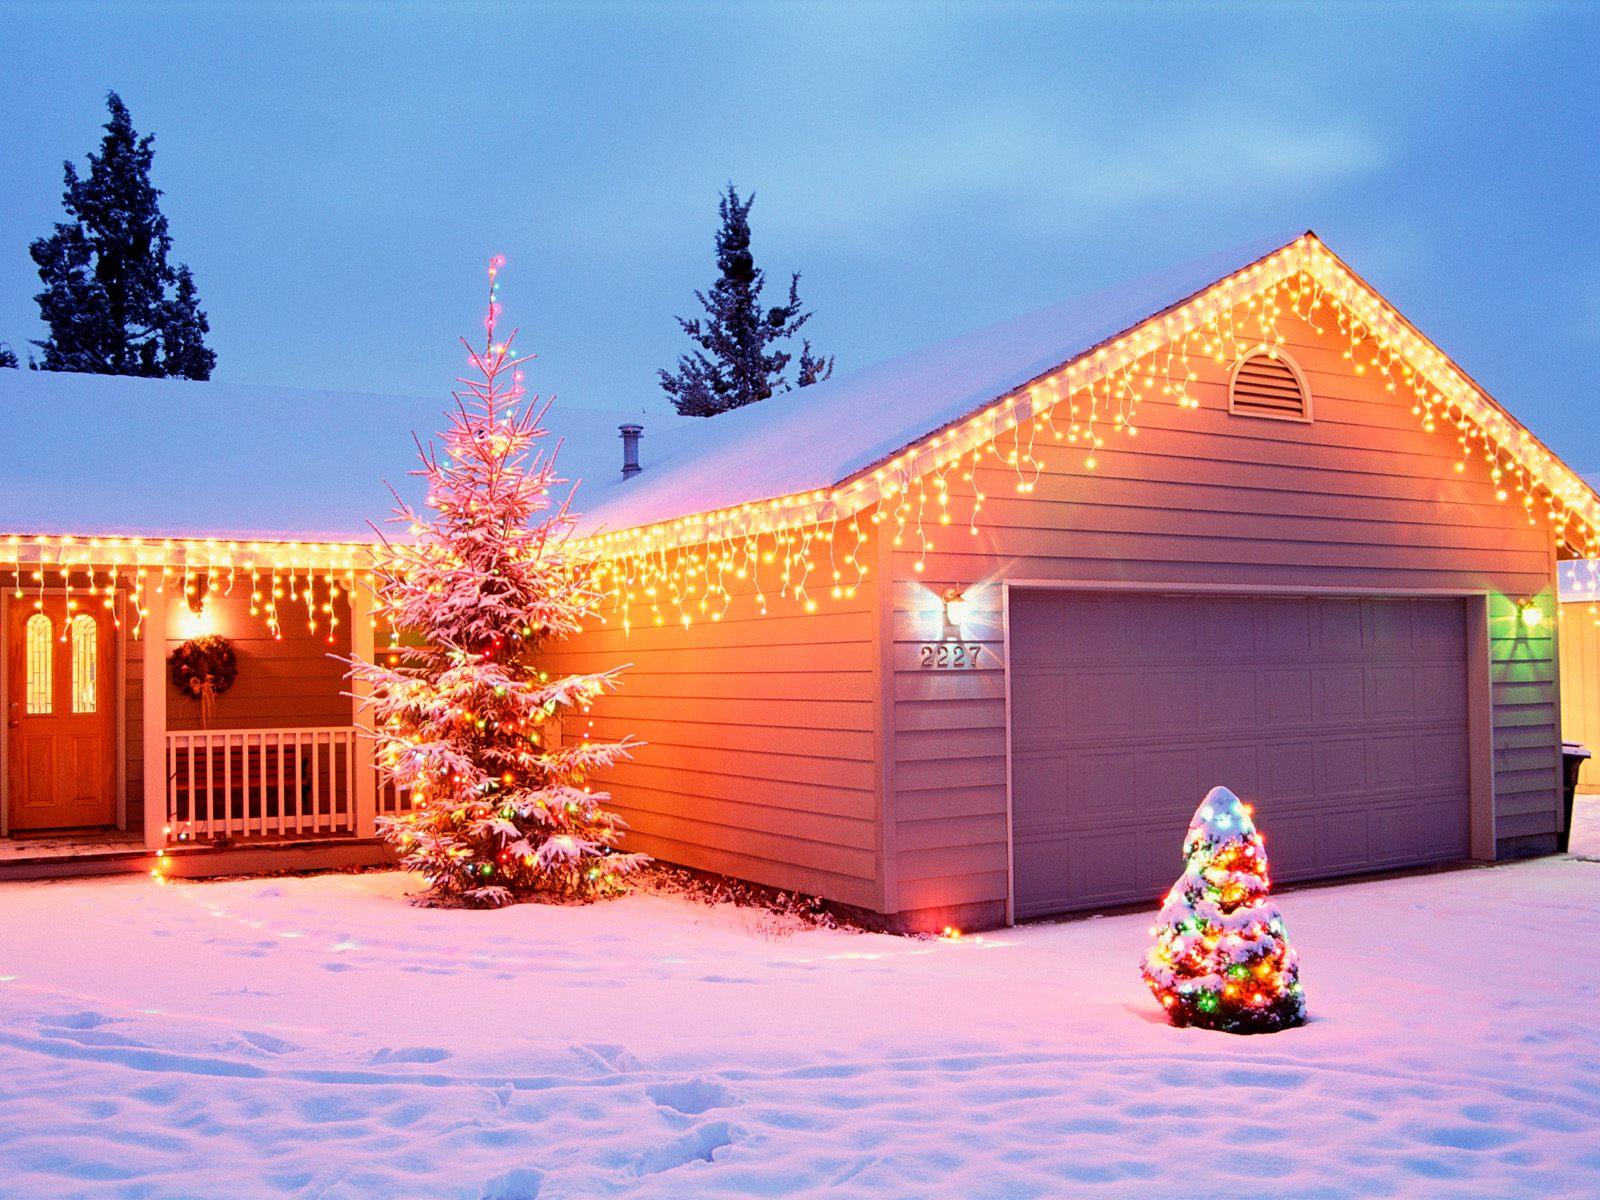 http://4.bp.blogspot.com/_e45GK4i1E8M/TROcwpVIrVI/AAAAAAAACGo/PuQmmCr8sFM/s1600/christmas-wallpaper-74.jpg